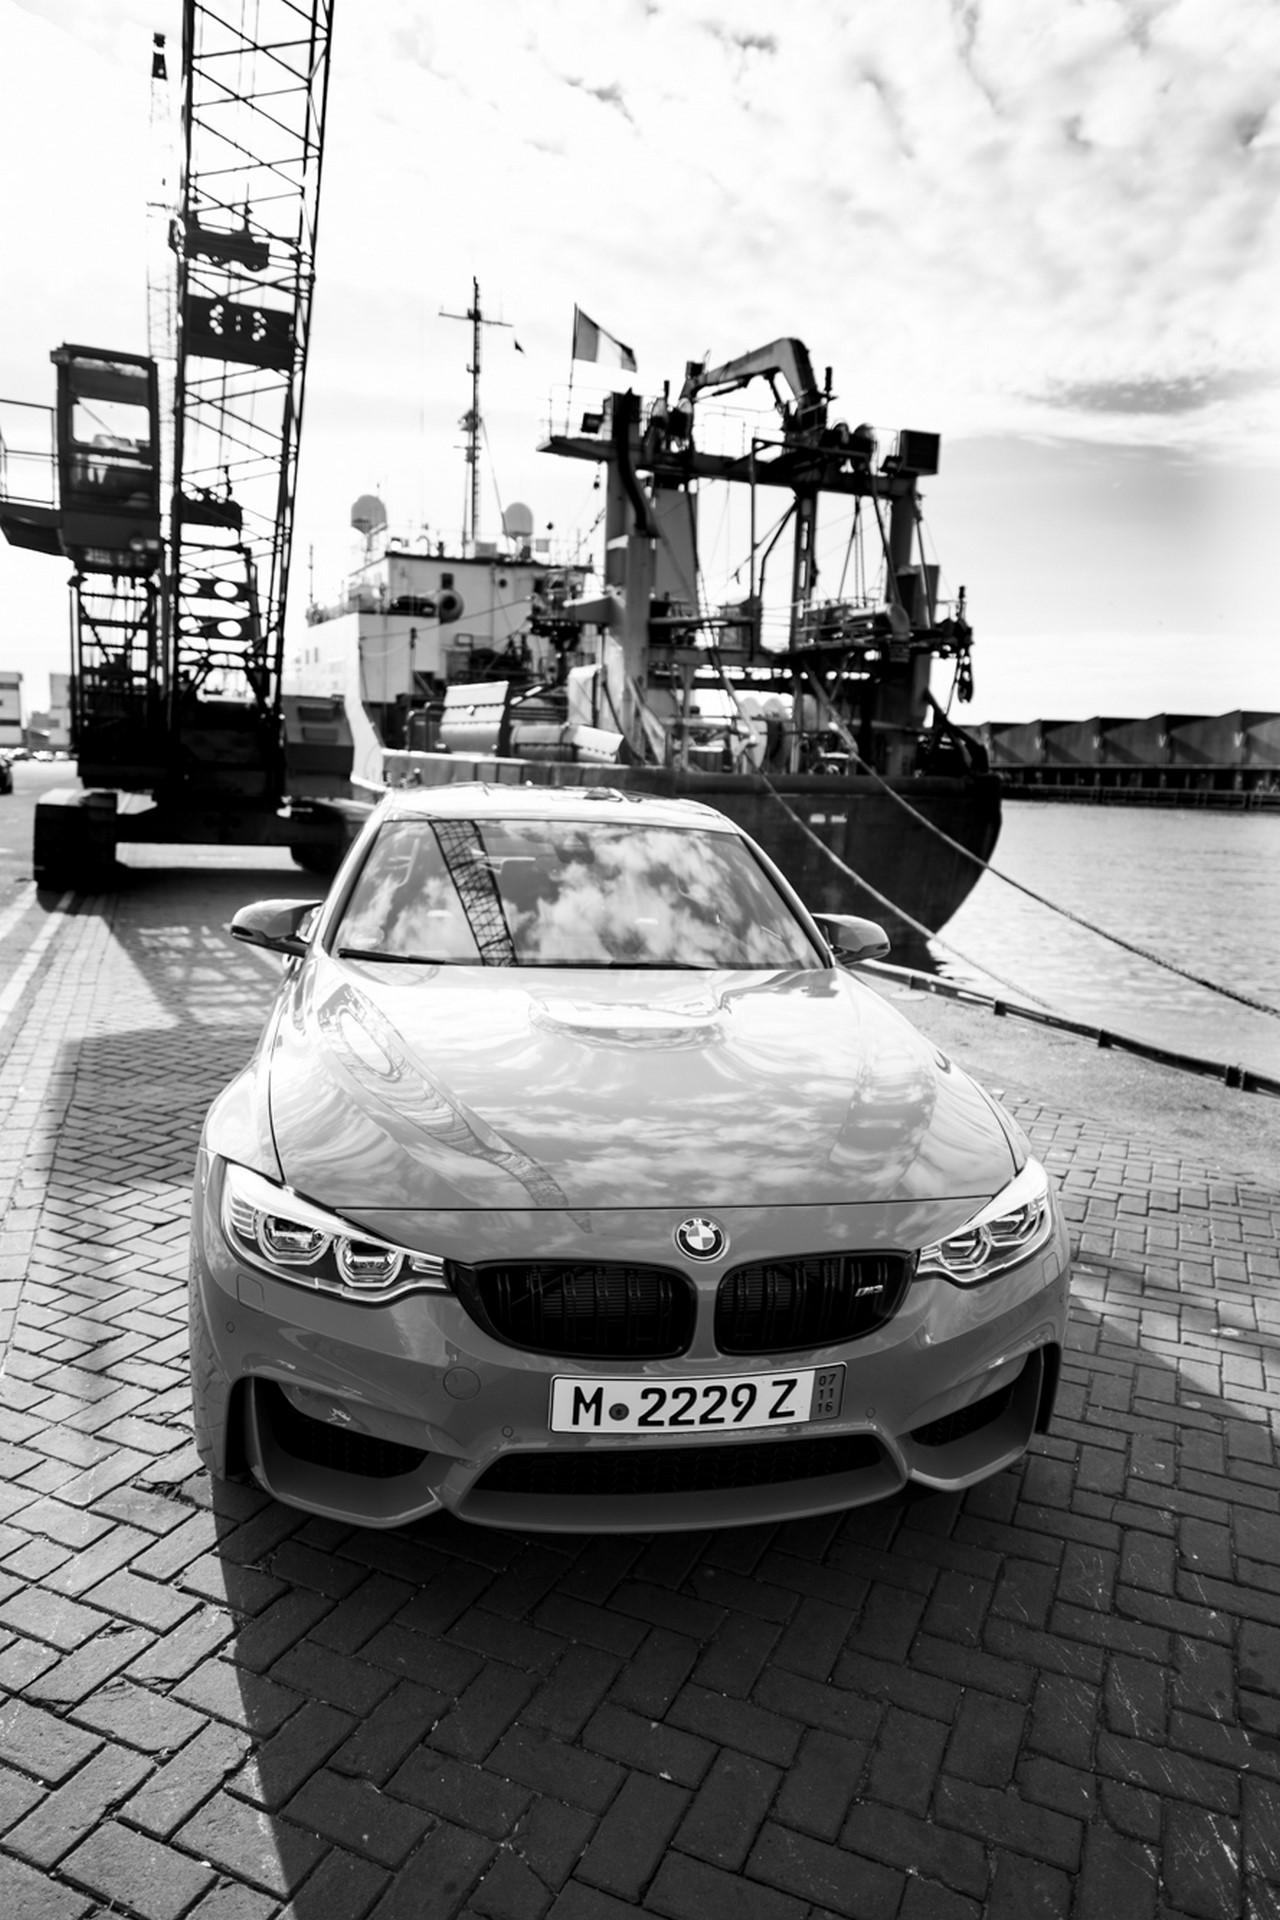 BMW M3 in Nardo Grey color (17)